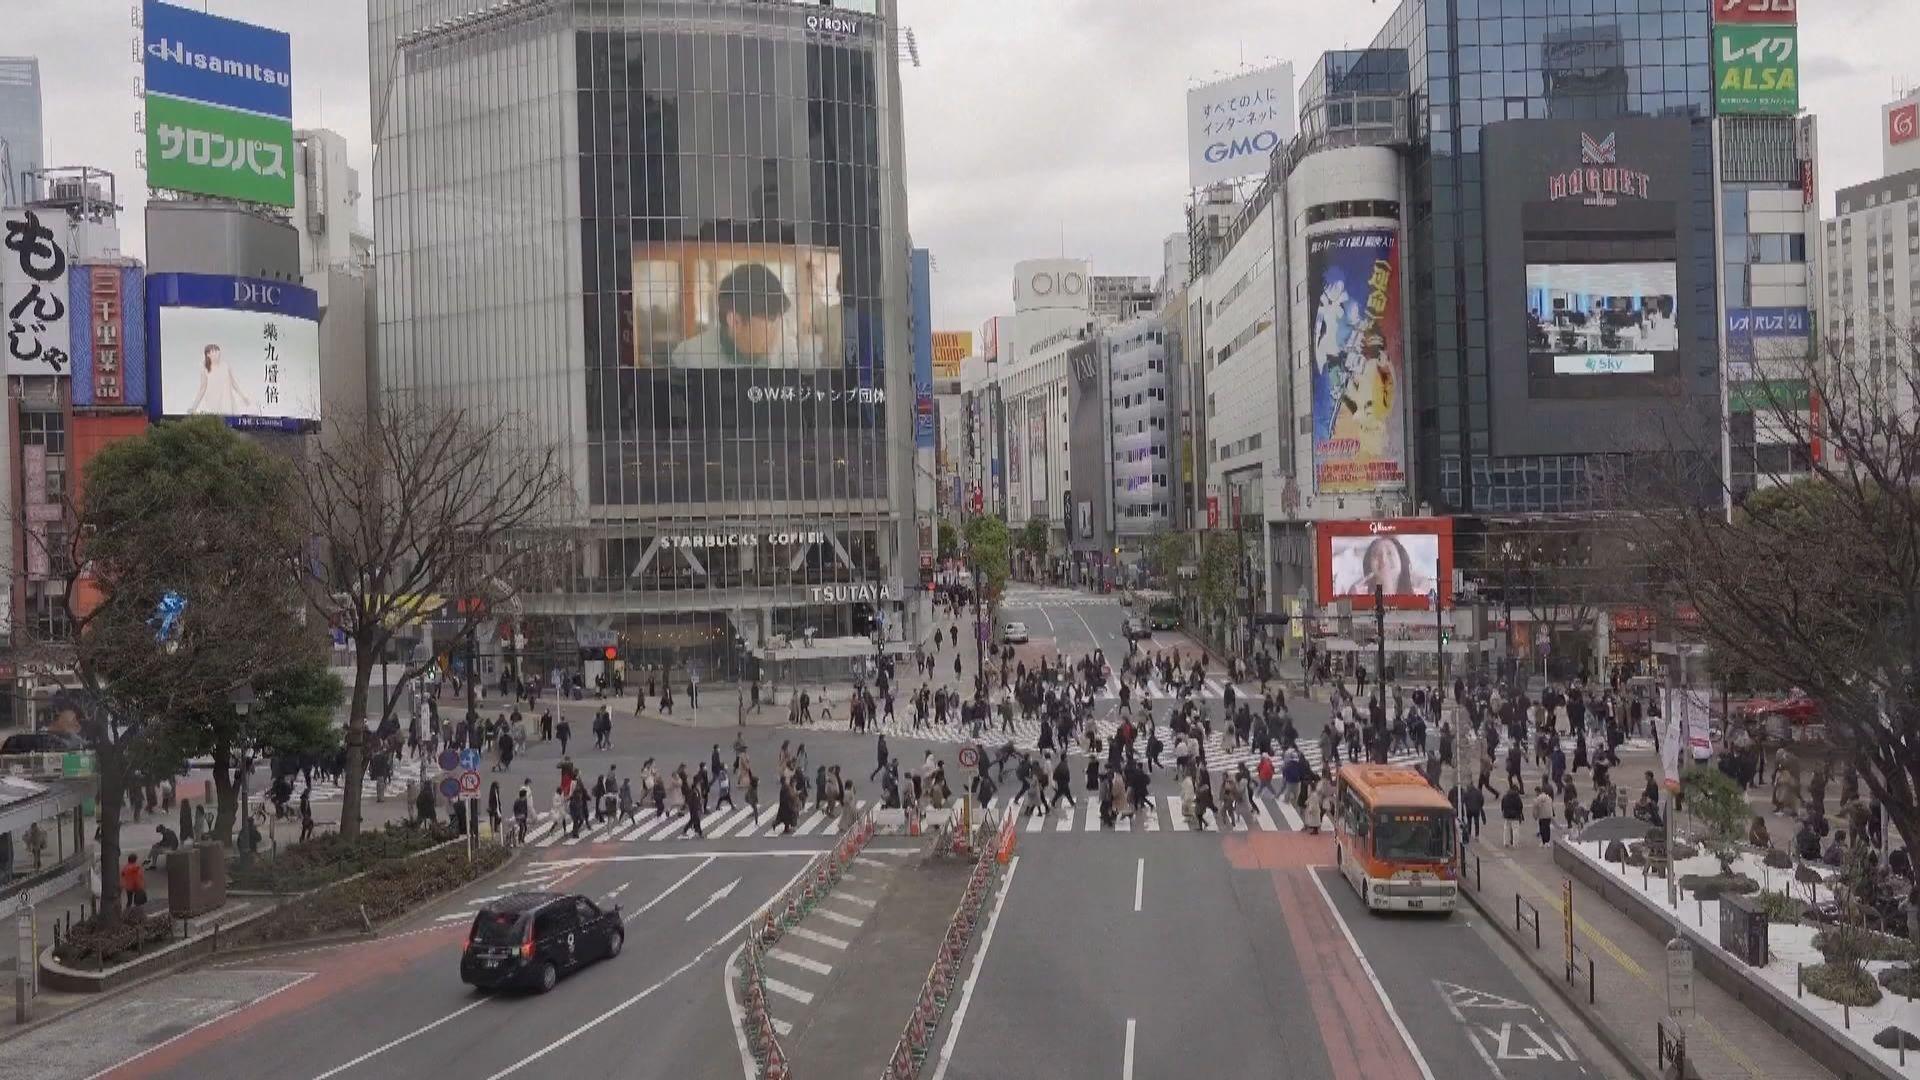 東京都及大阪府分別新增七百多宗新冠確診